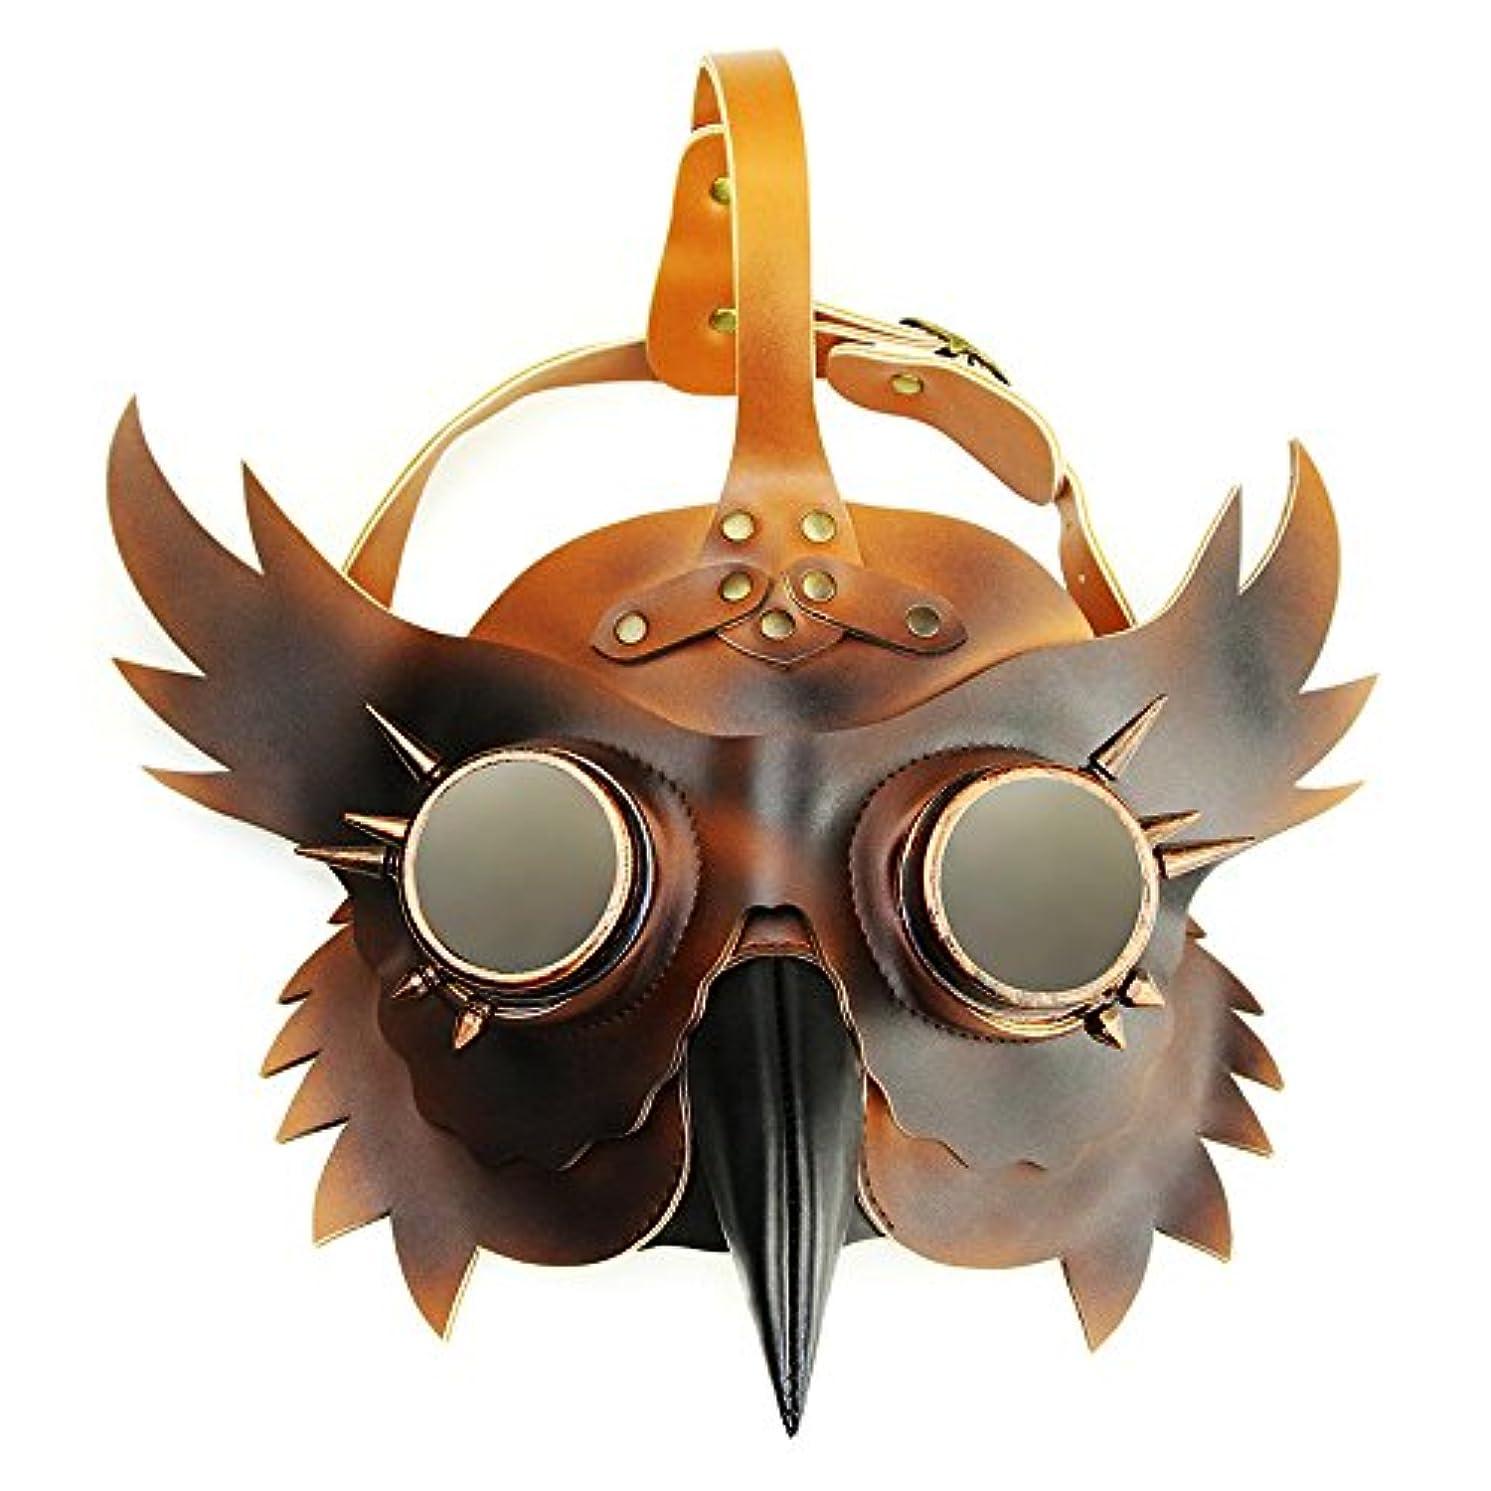 慈悲深い貧しい一族スチームパンクペストビークマスクハロウィンバー小道具